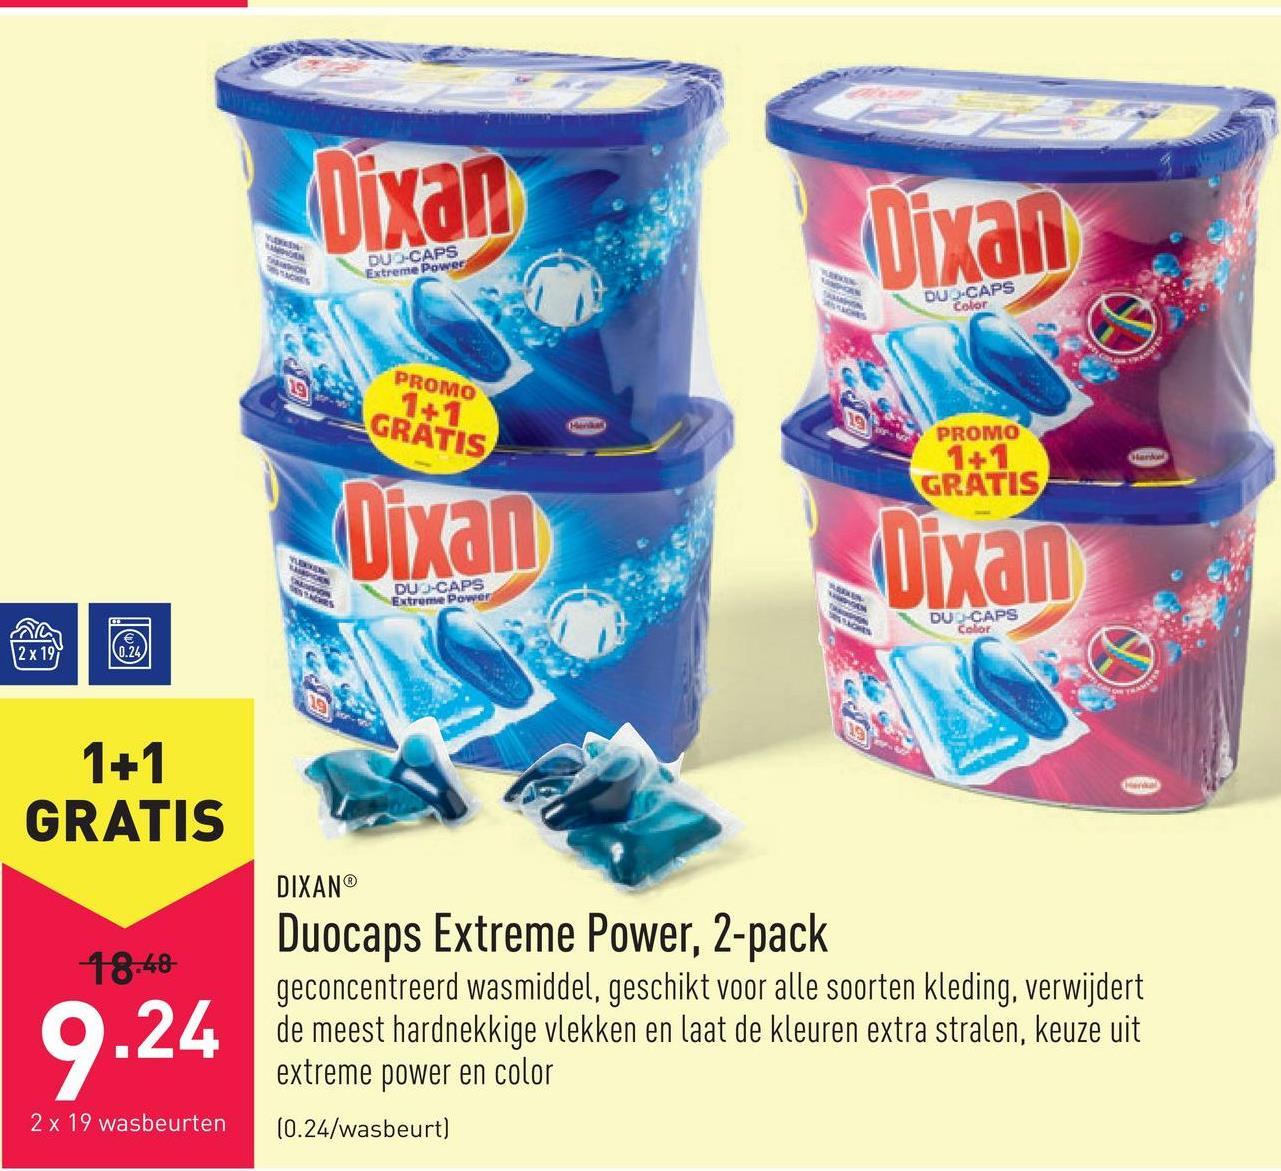 Duocaps Extreme Power, 2-pack geconcentreerd wasmiddel, geschikt voor alle soorten kleding, verwijdert de meest hardnekkige vlekken en laat de kleuren extra stralen, keuze uit extreme power en color